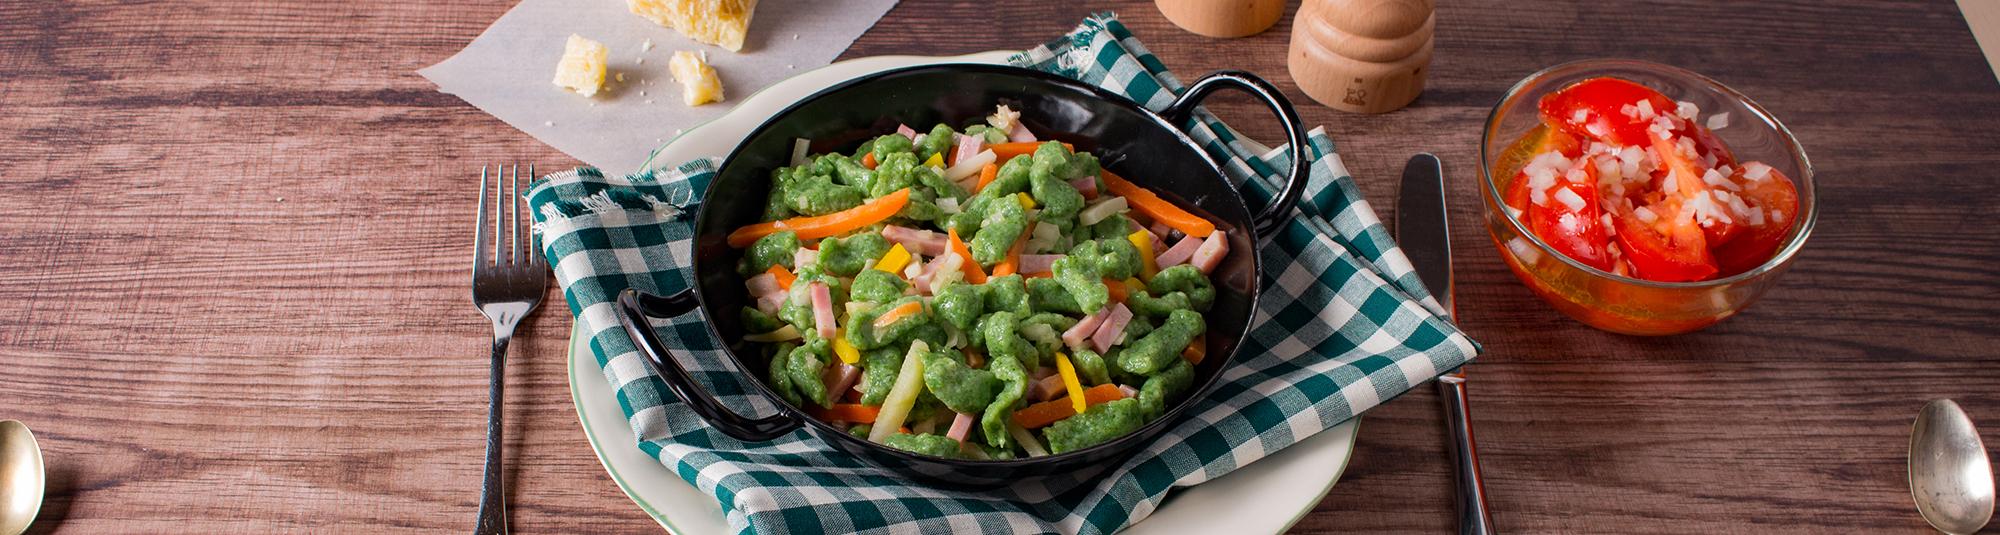 Spinat-Nockerl mit Schinken und Streifengemüse